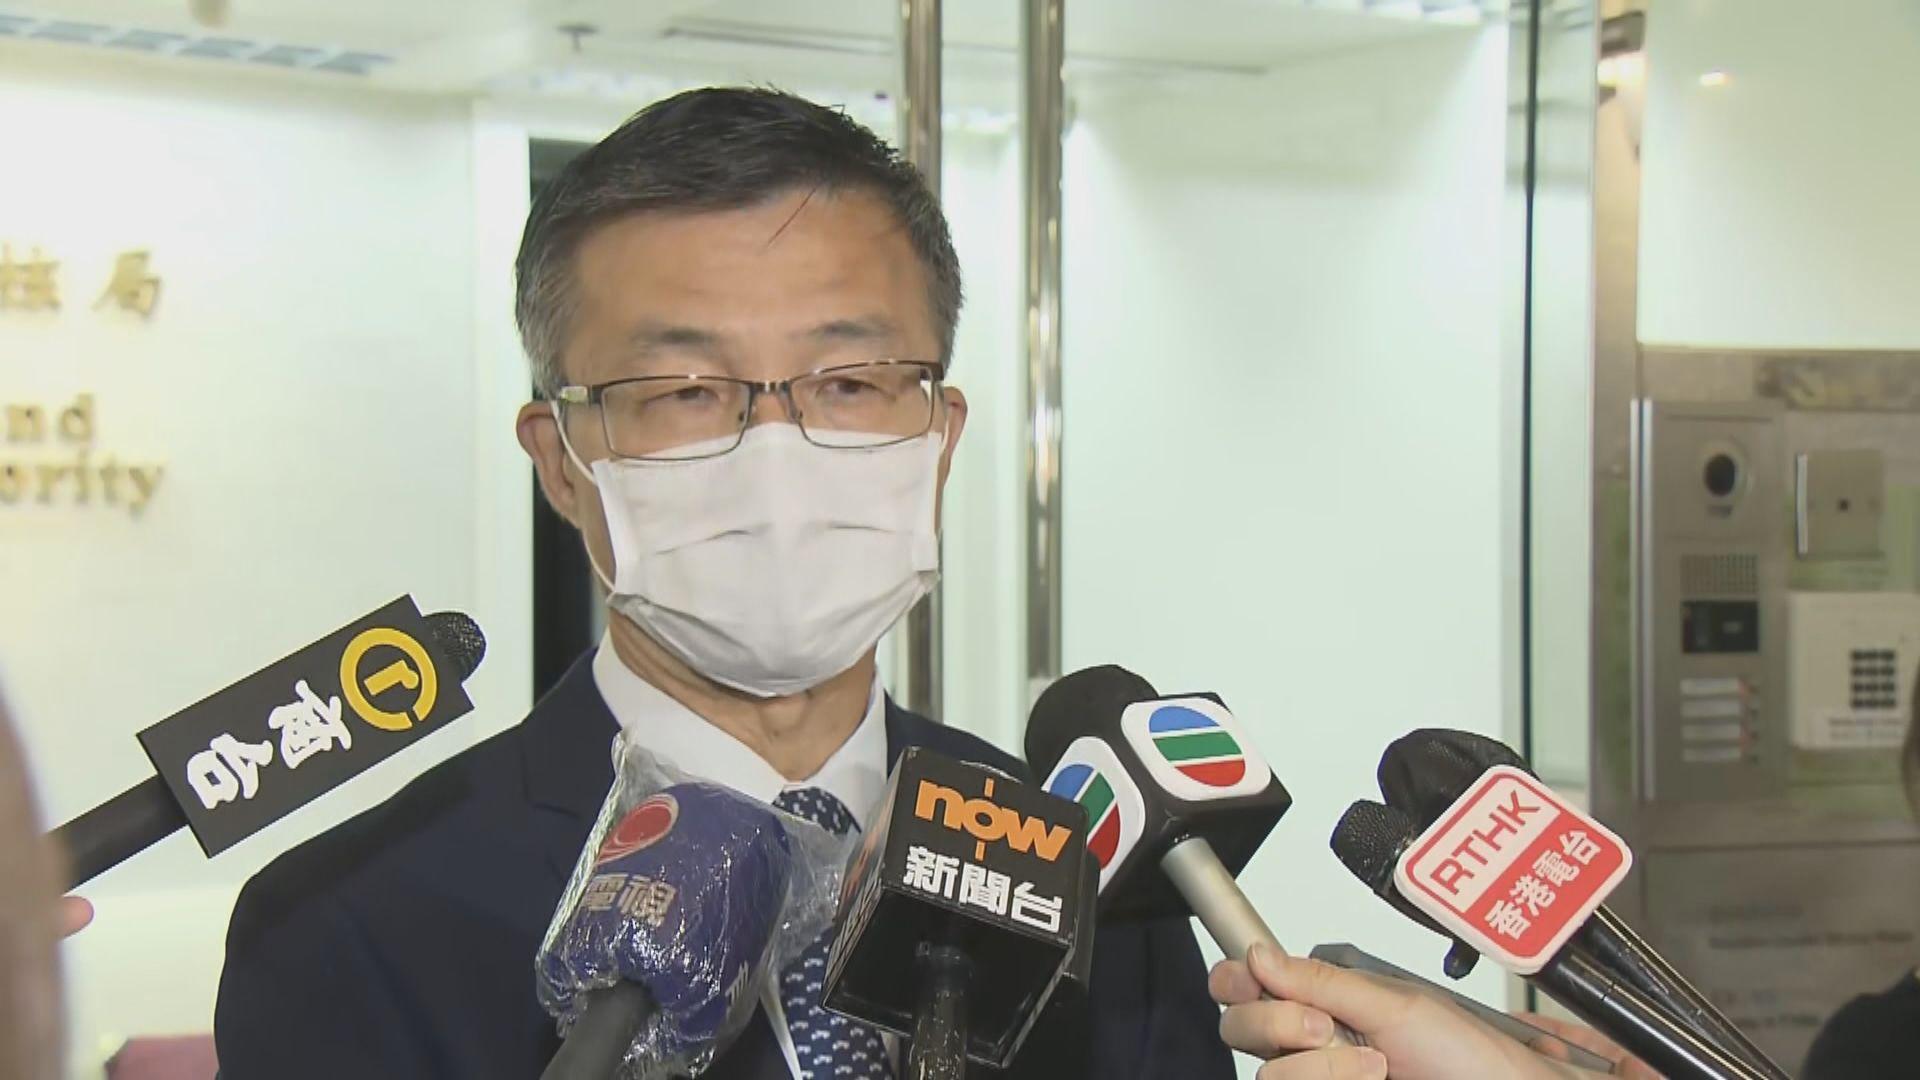 蘇國生︰考評局就取消試題未有結論 待委員會開會決定